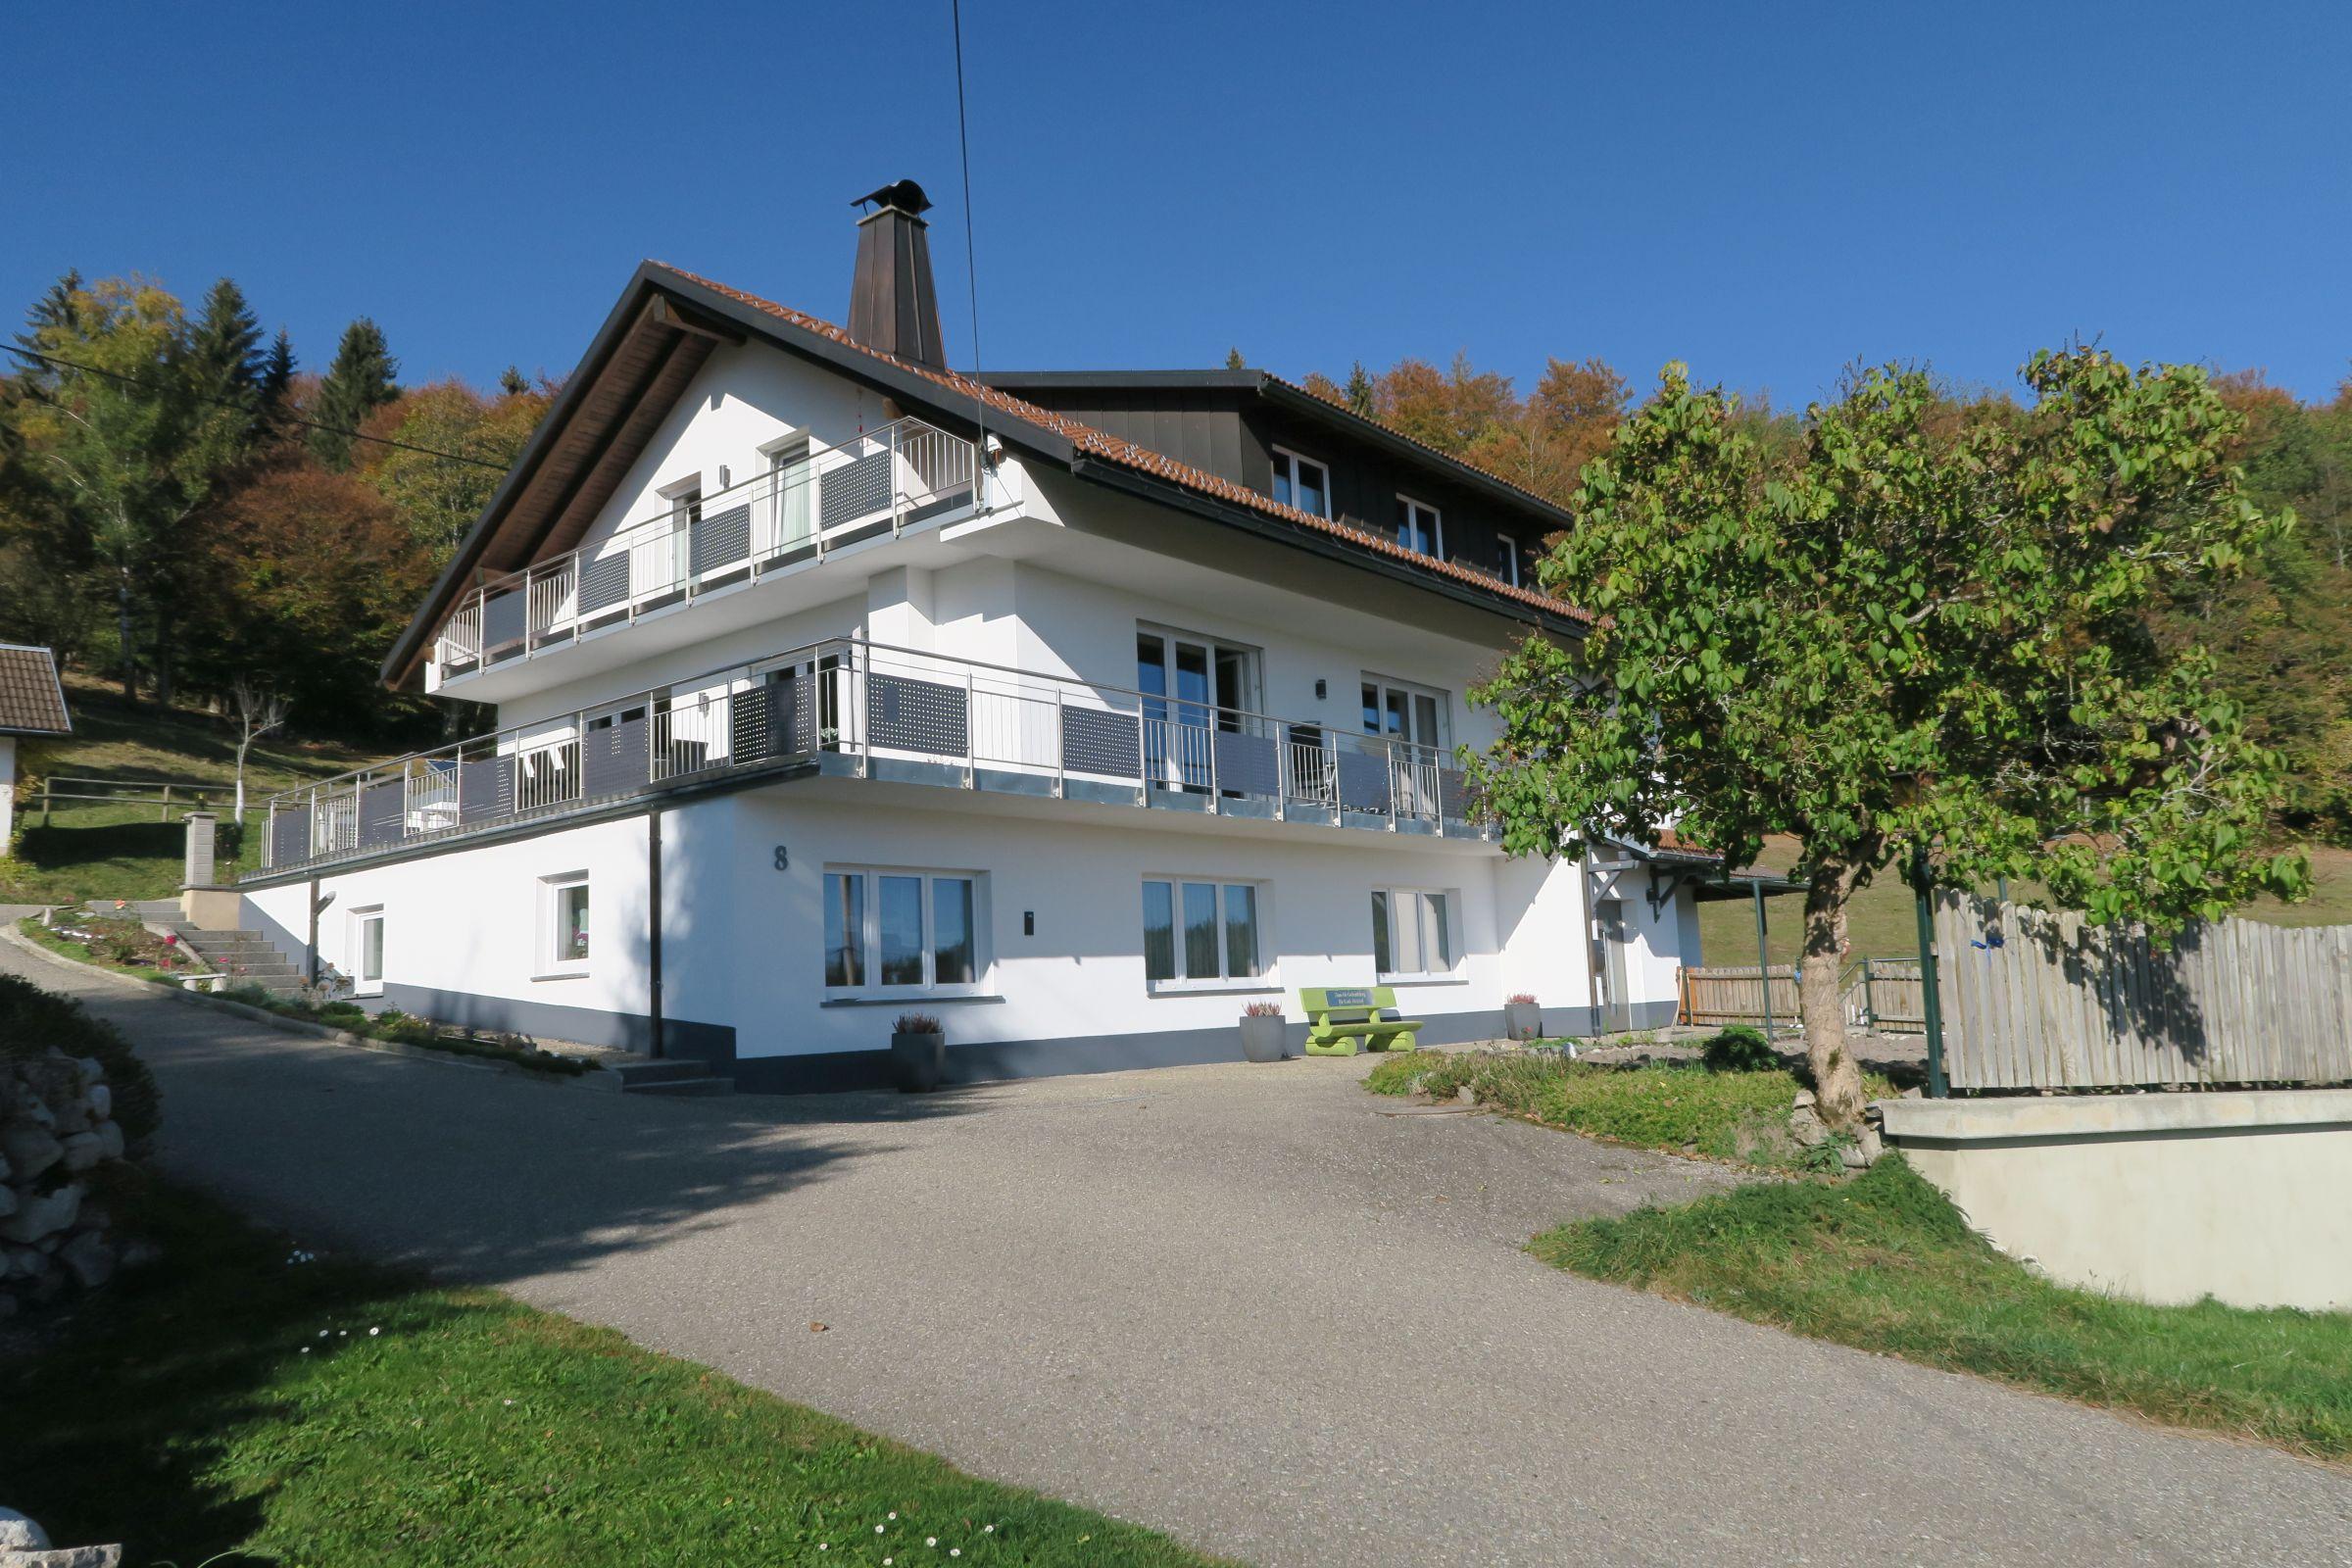 Haus Fritz, (Dachsberg). Ferienwohnung, 50qm, 1 Sc